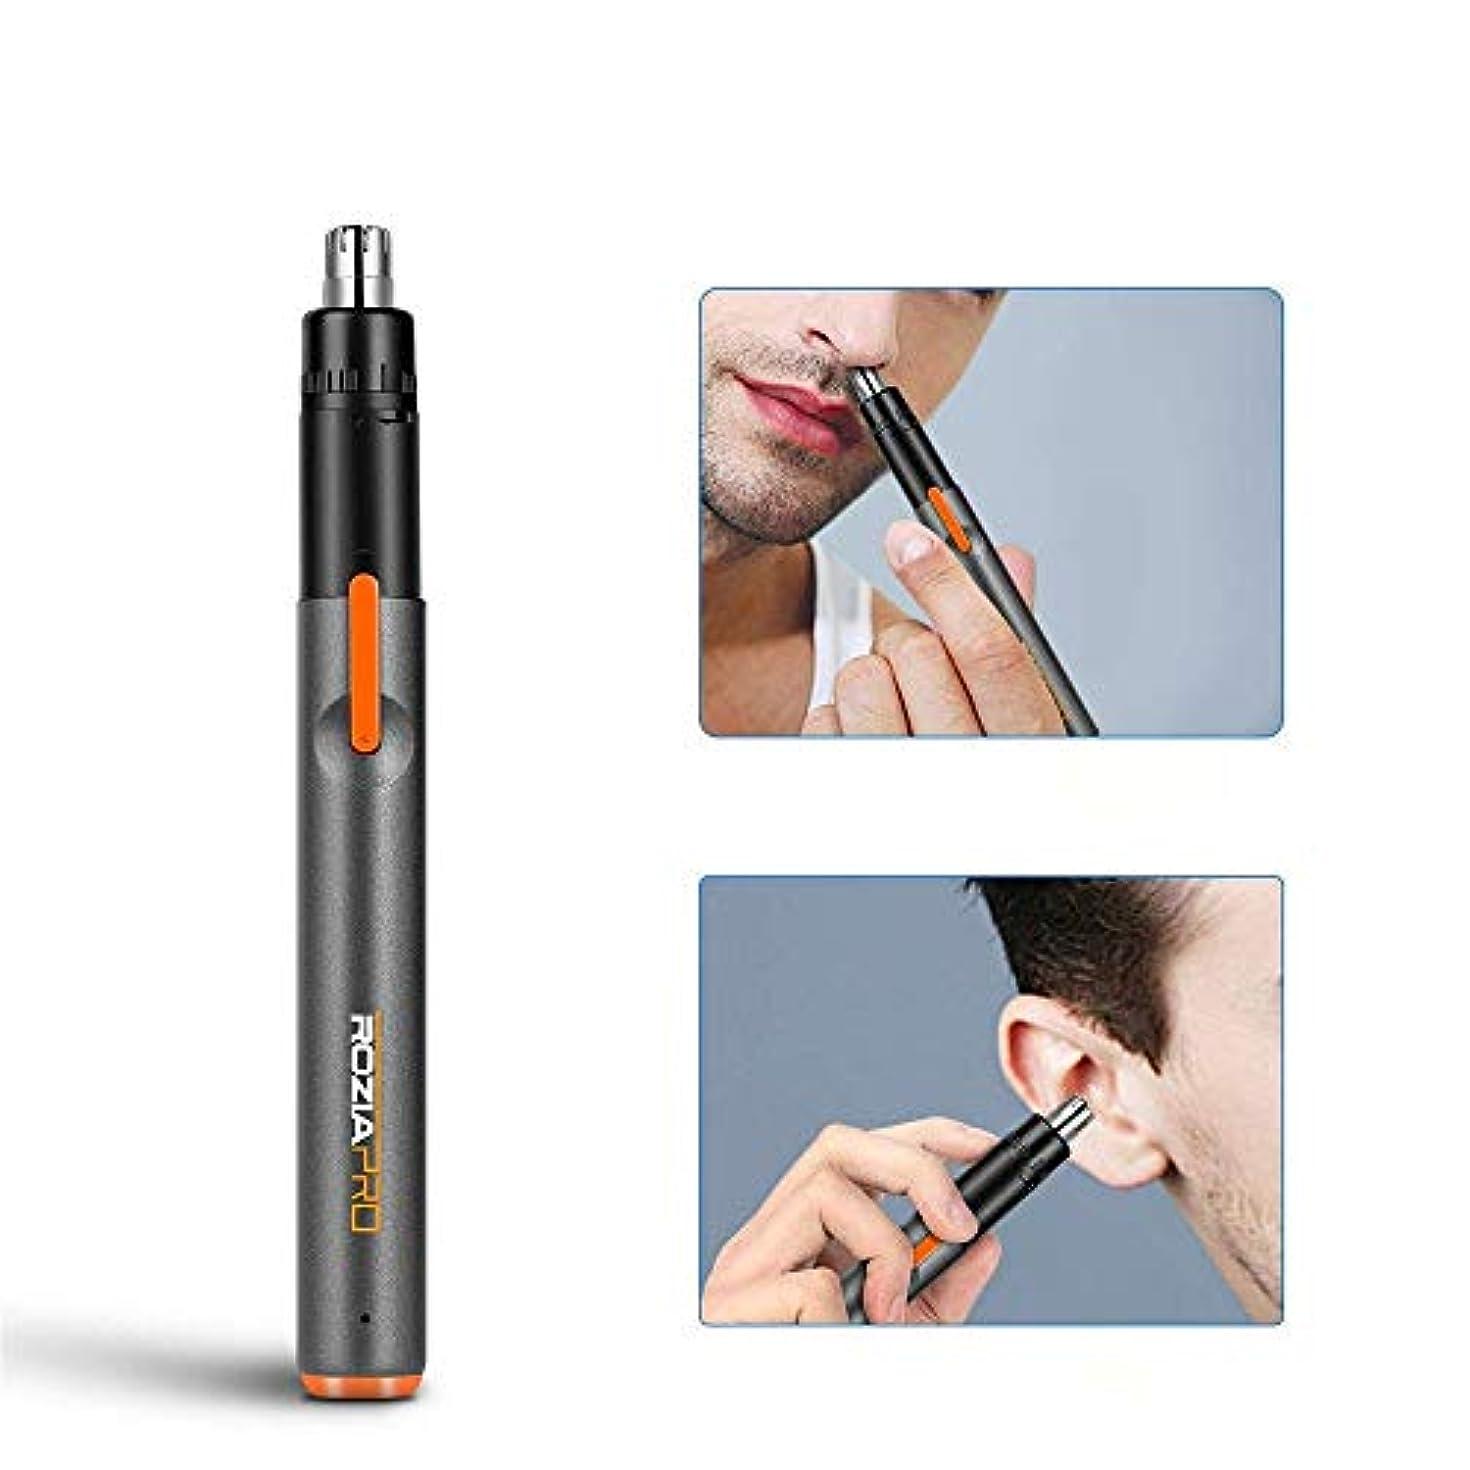 吐き出す作成するフルーティー携帯用電気鼻毛を充電メンズと女性のユニバーサル耳鼻毛トリマーUSB メンズ ムダ毛トリマー 耳毛 鼻毛切り (Color : Black, Size : USB)